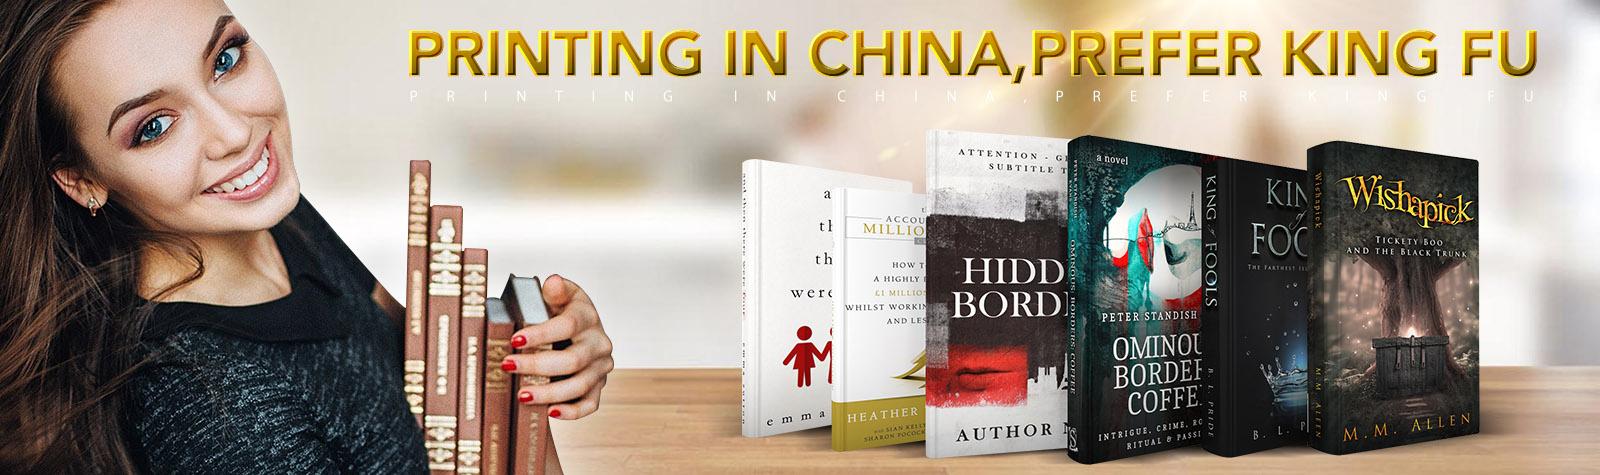 PRINTING IN CHINA,PREFER KING FU